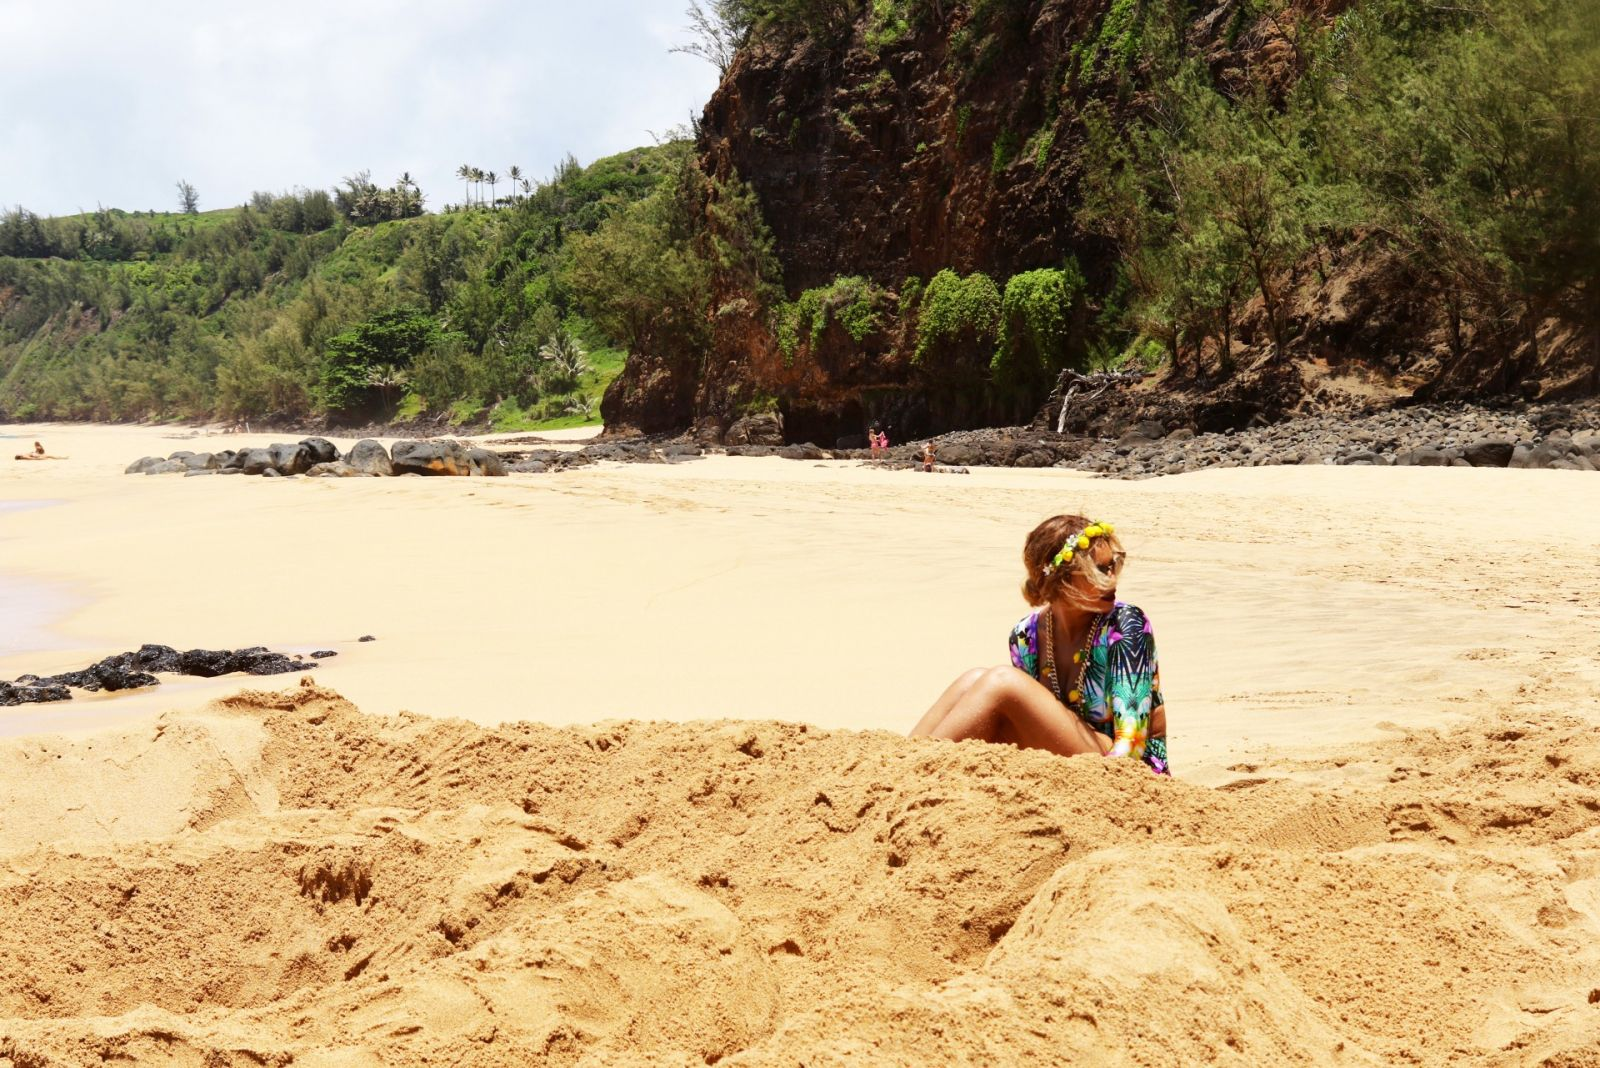 Бейонсе похвасталась фото с отдыха и своим пляжным стилем фото 2016